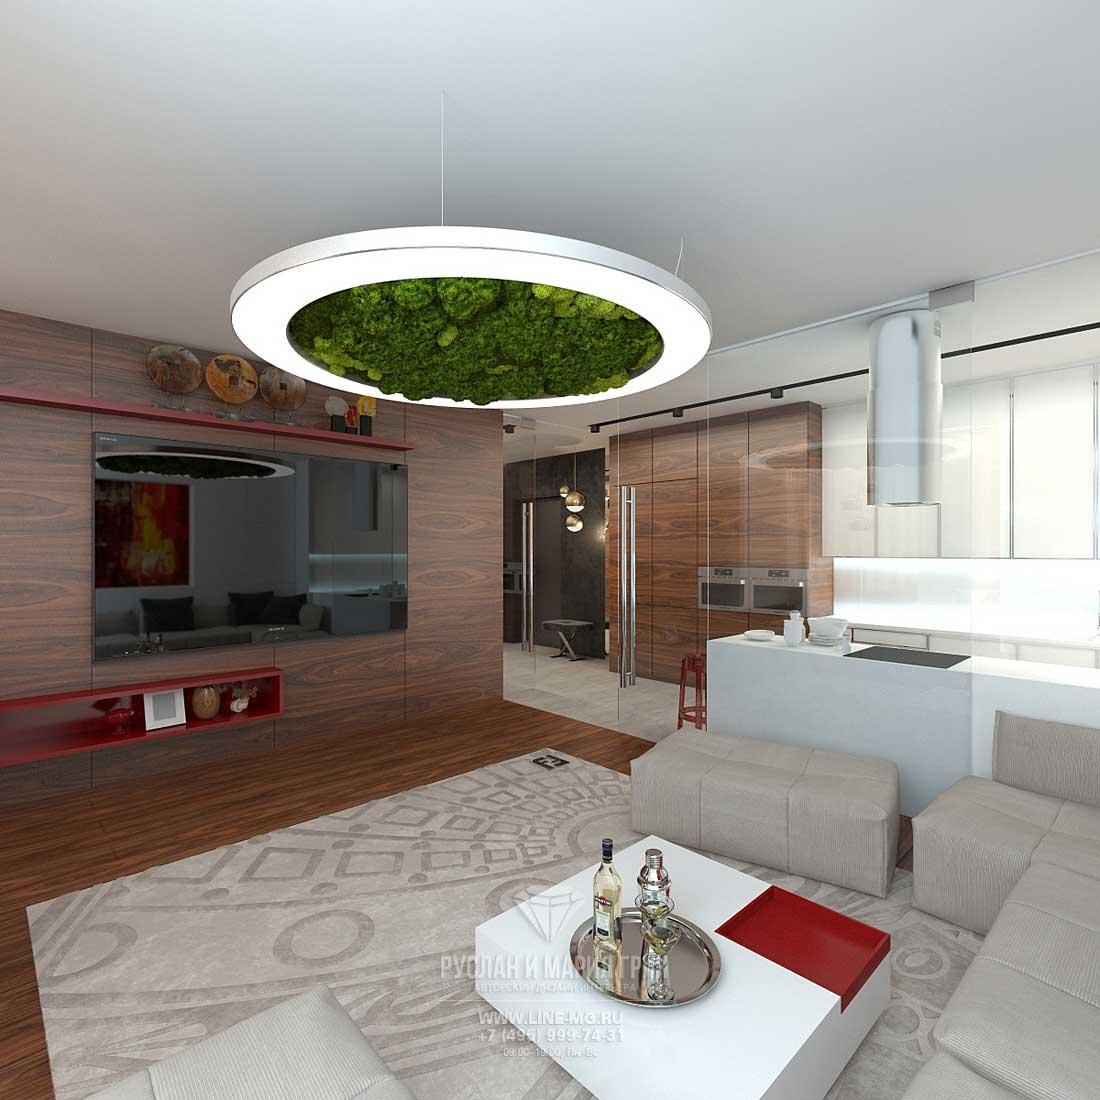 Как эффектно оформить спальню в светлых тонах в современном стиле?